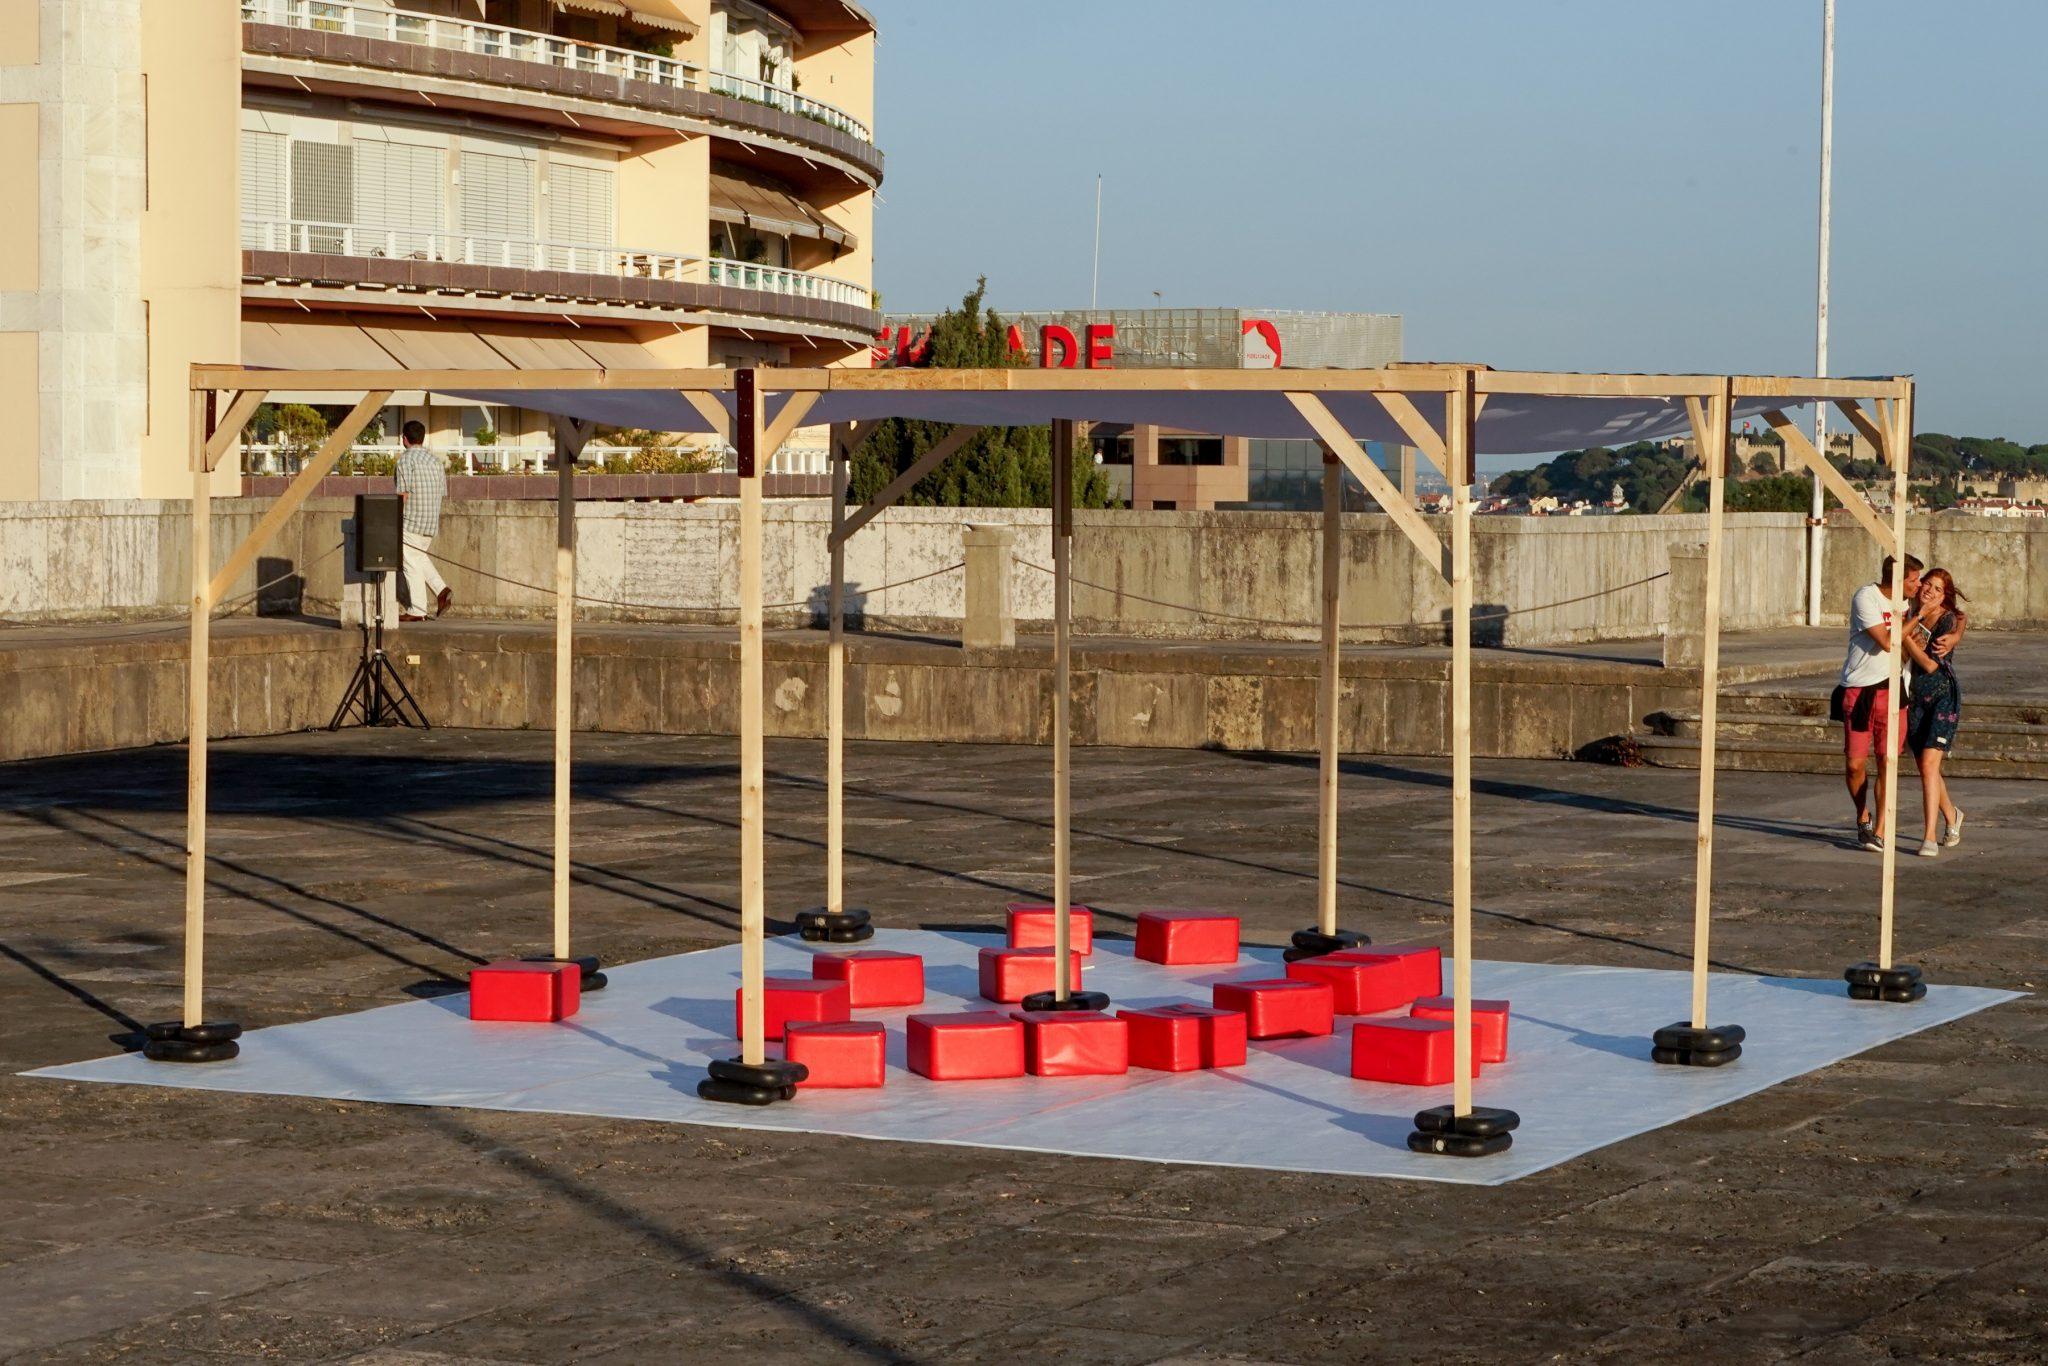 Terraço exterior, com estrutura de madeira presa com pesos pretos em cima de uma lona branca. Em cima dessa lona estão cubos vermelhos